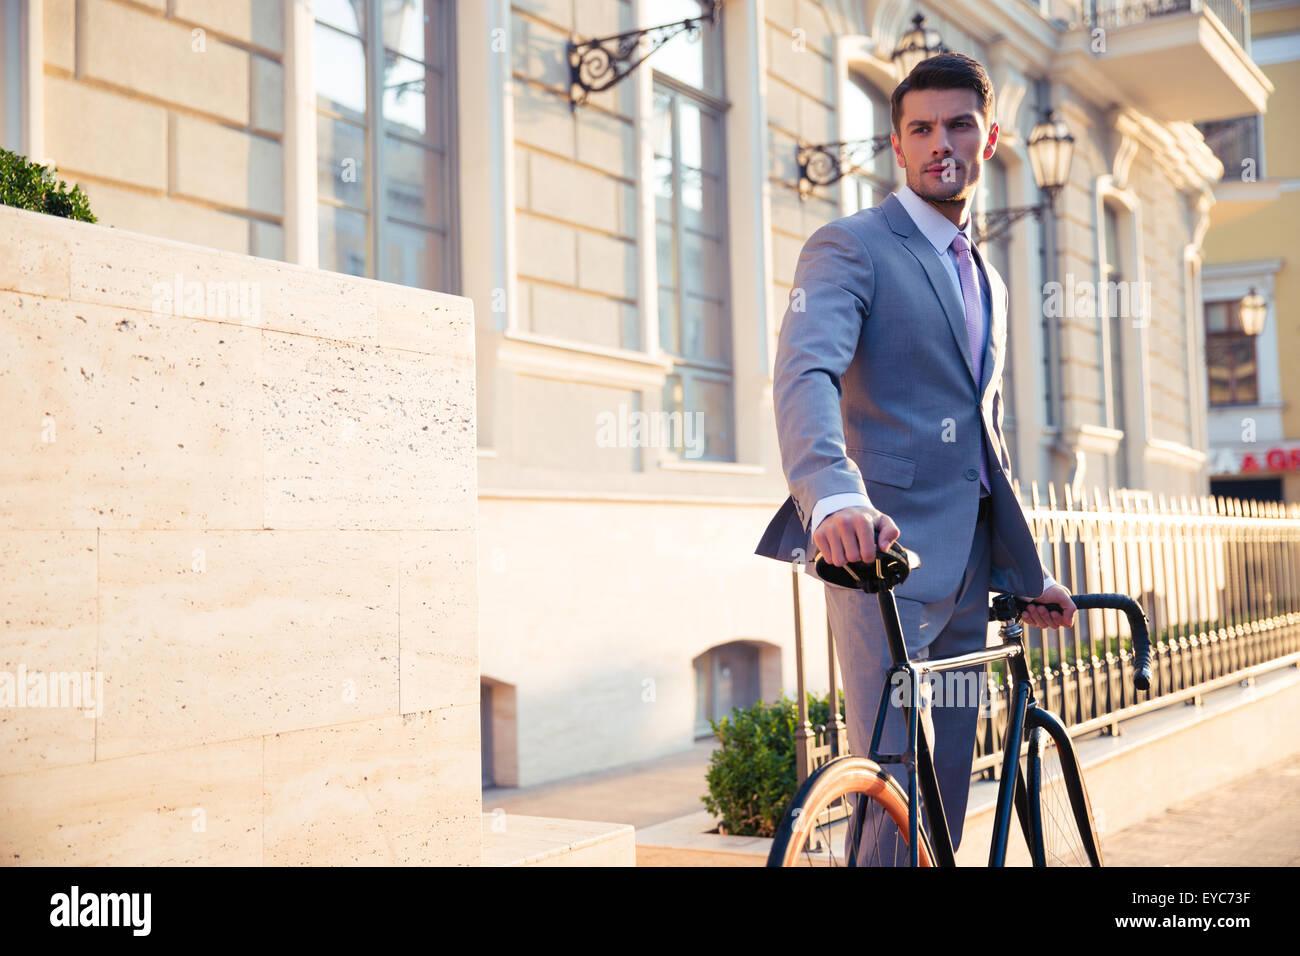 Retrato de un empresario de confianza de pie con la bicicleta en la ciudad vieja y mirar lejos Imagen De Stock